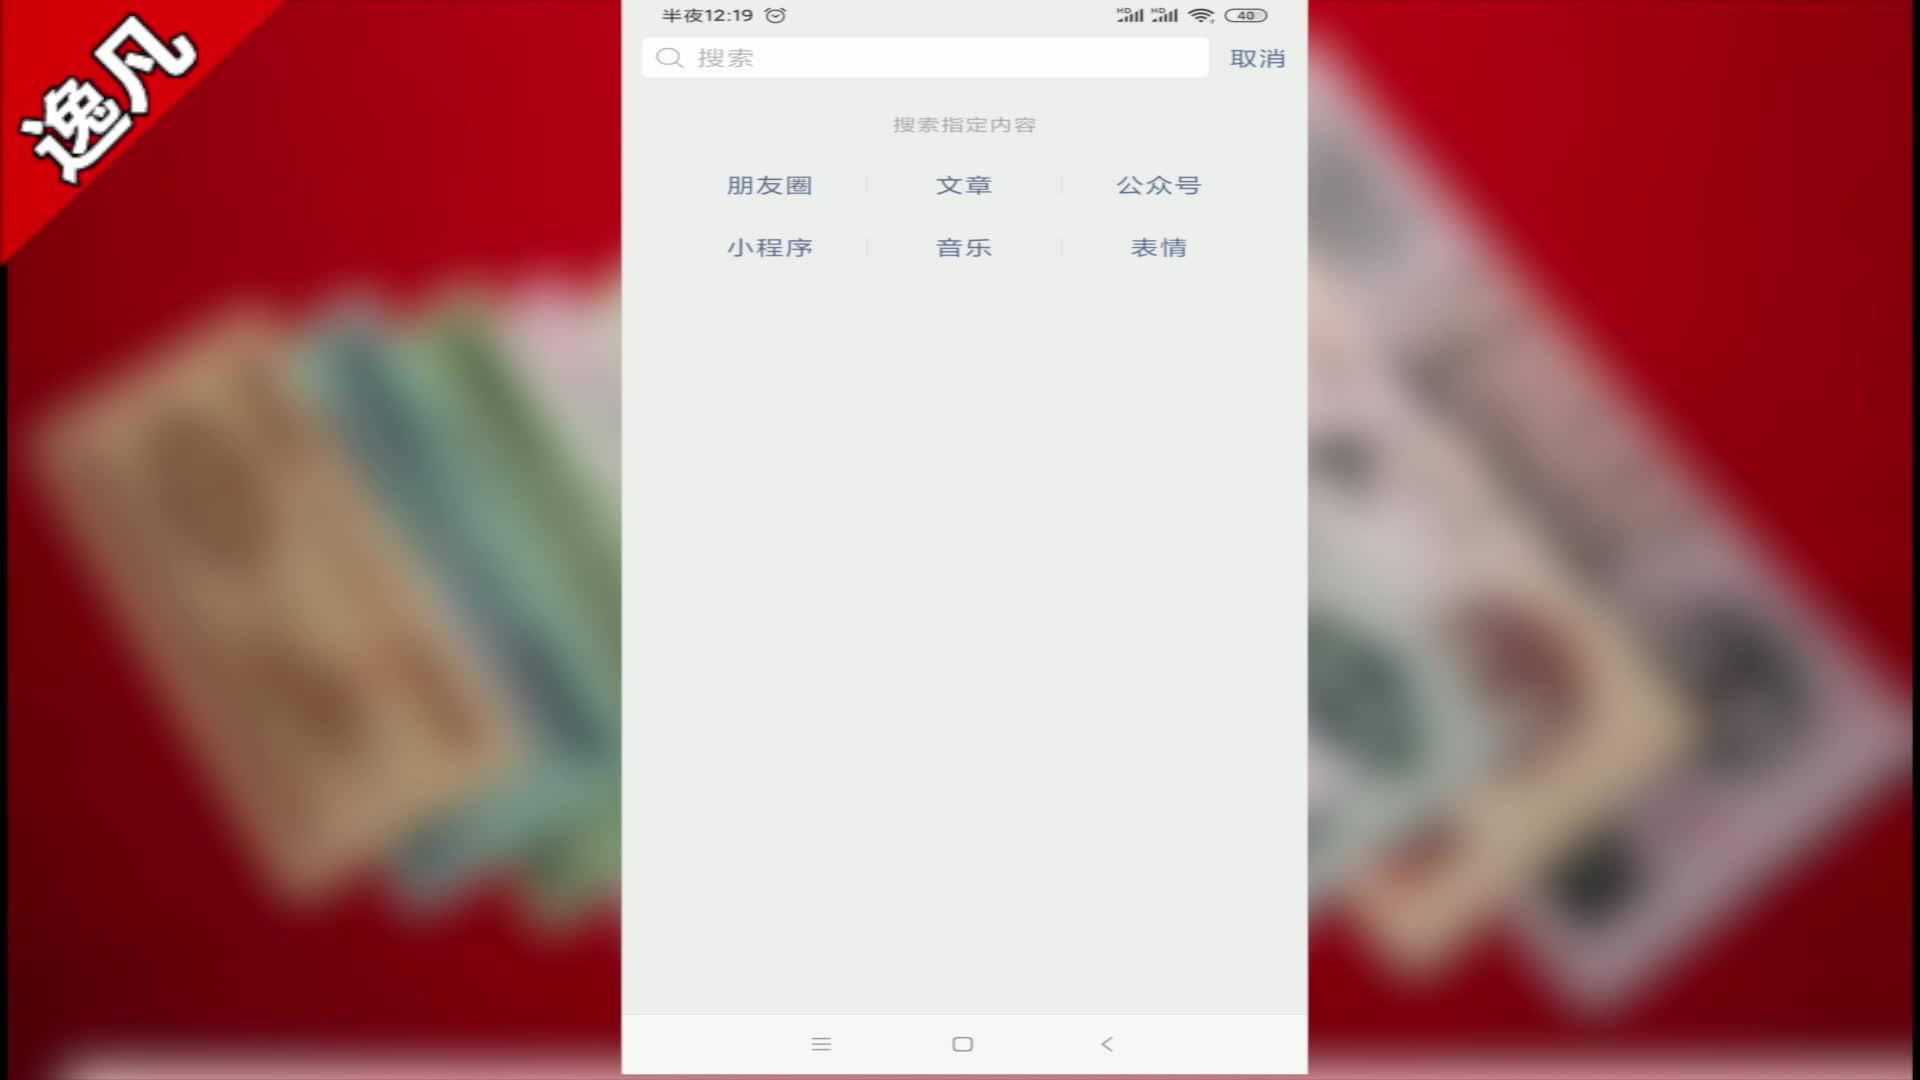 微信可以转账到QQ钱包QQ没有绑定银行卡也会有钱